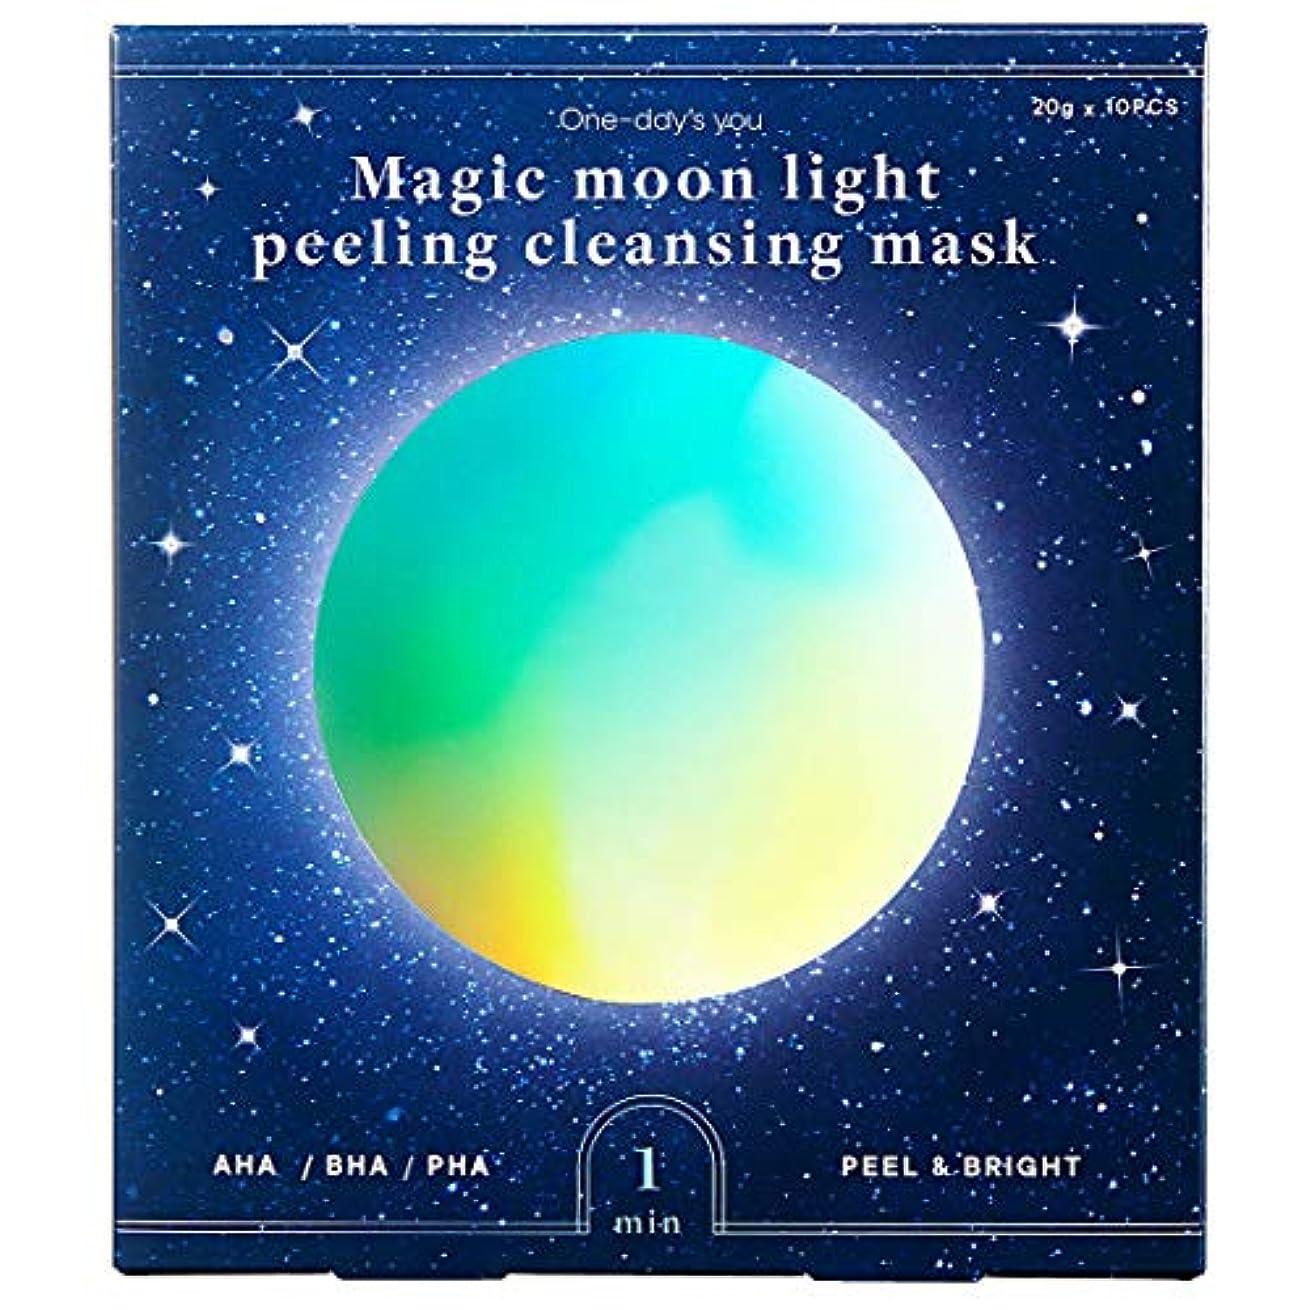 勤勉災難山岳One day's you [ワンデイズユー ] マジック ムーンライト ピーリング クレンジング マスク/Magic Moonlight Peeling Cleansing Mask (20g*10ea) [並行輸入品]